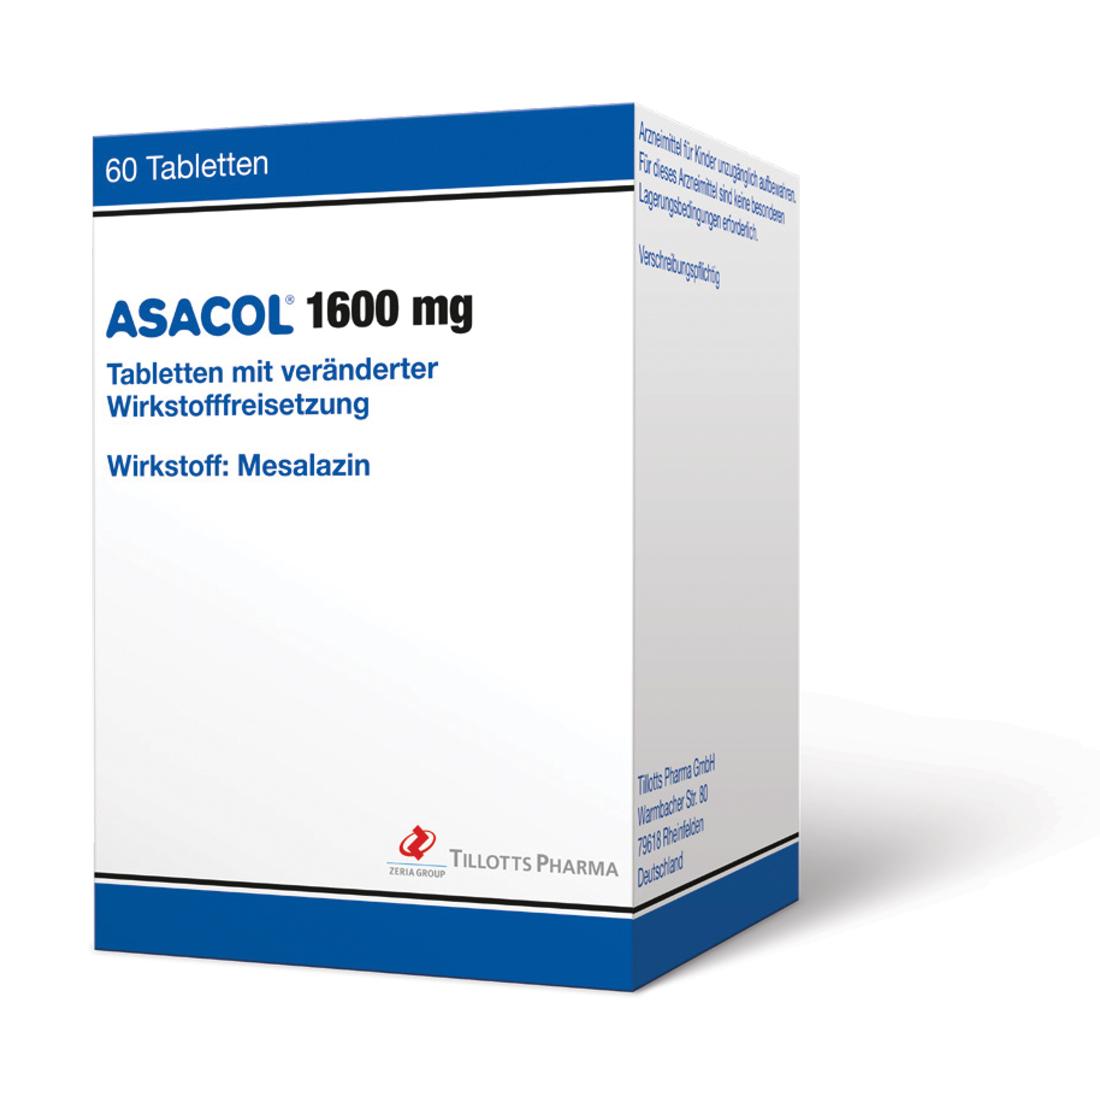 Smart Simplicity mit Asacol® 1600 mg bei Colitis ulcerosa: Neue Tabletten-Formulierung mit bislang höchster Mesalazin-Einzeldosis